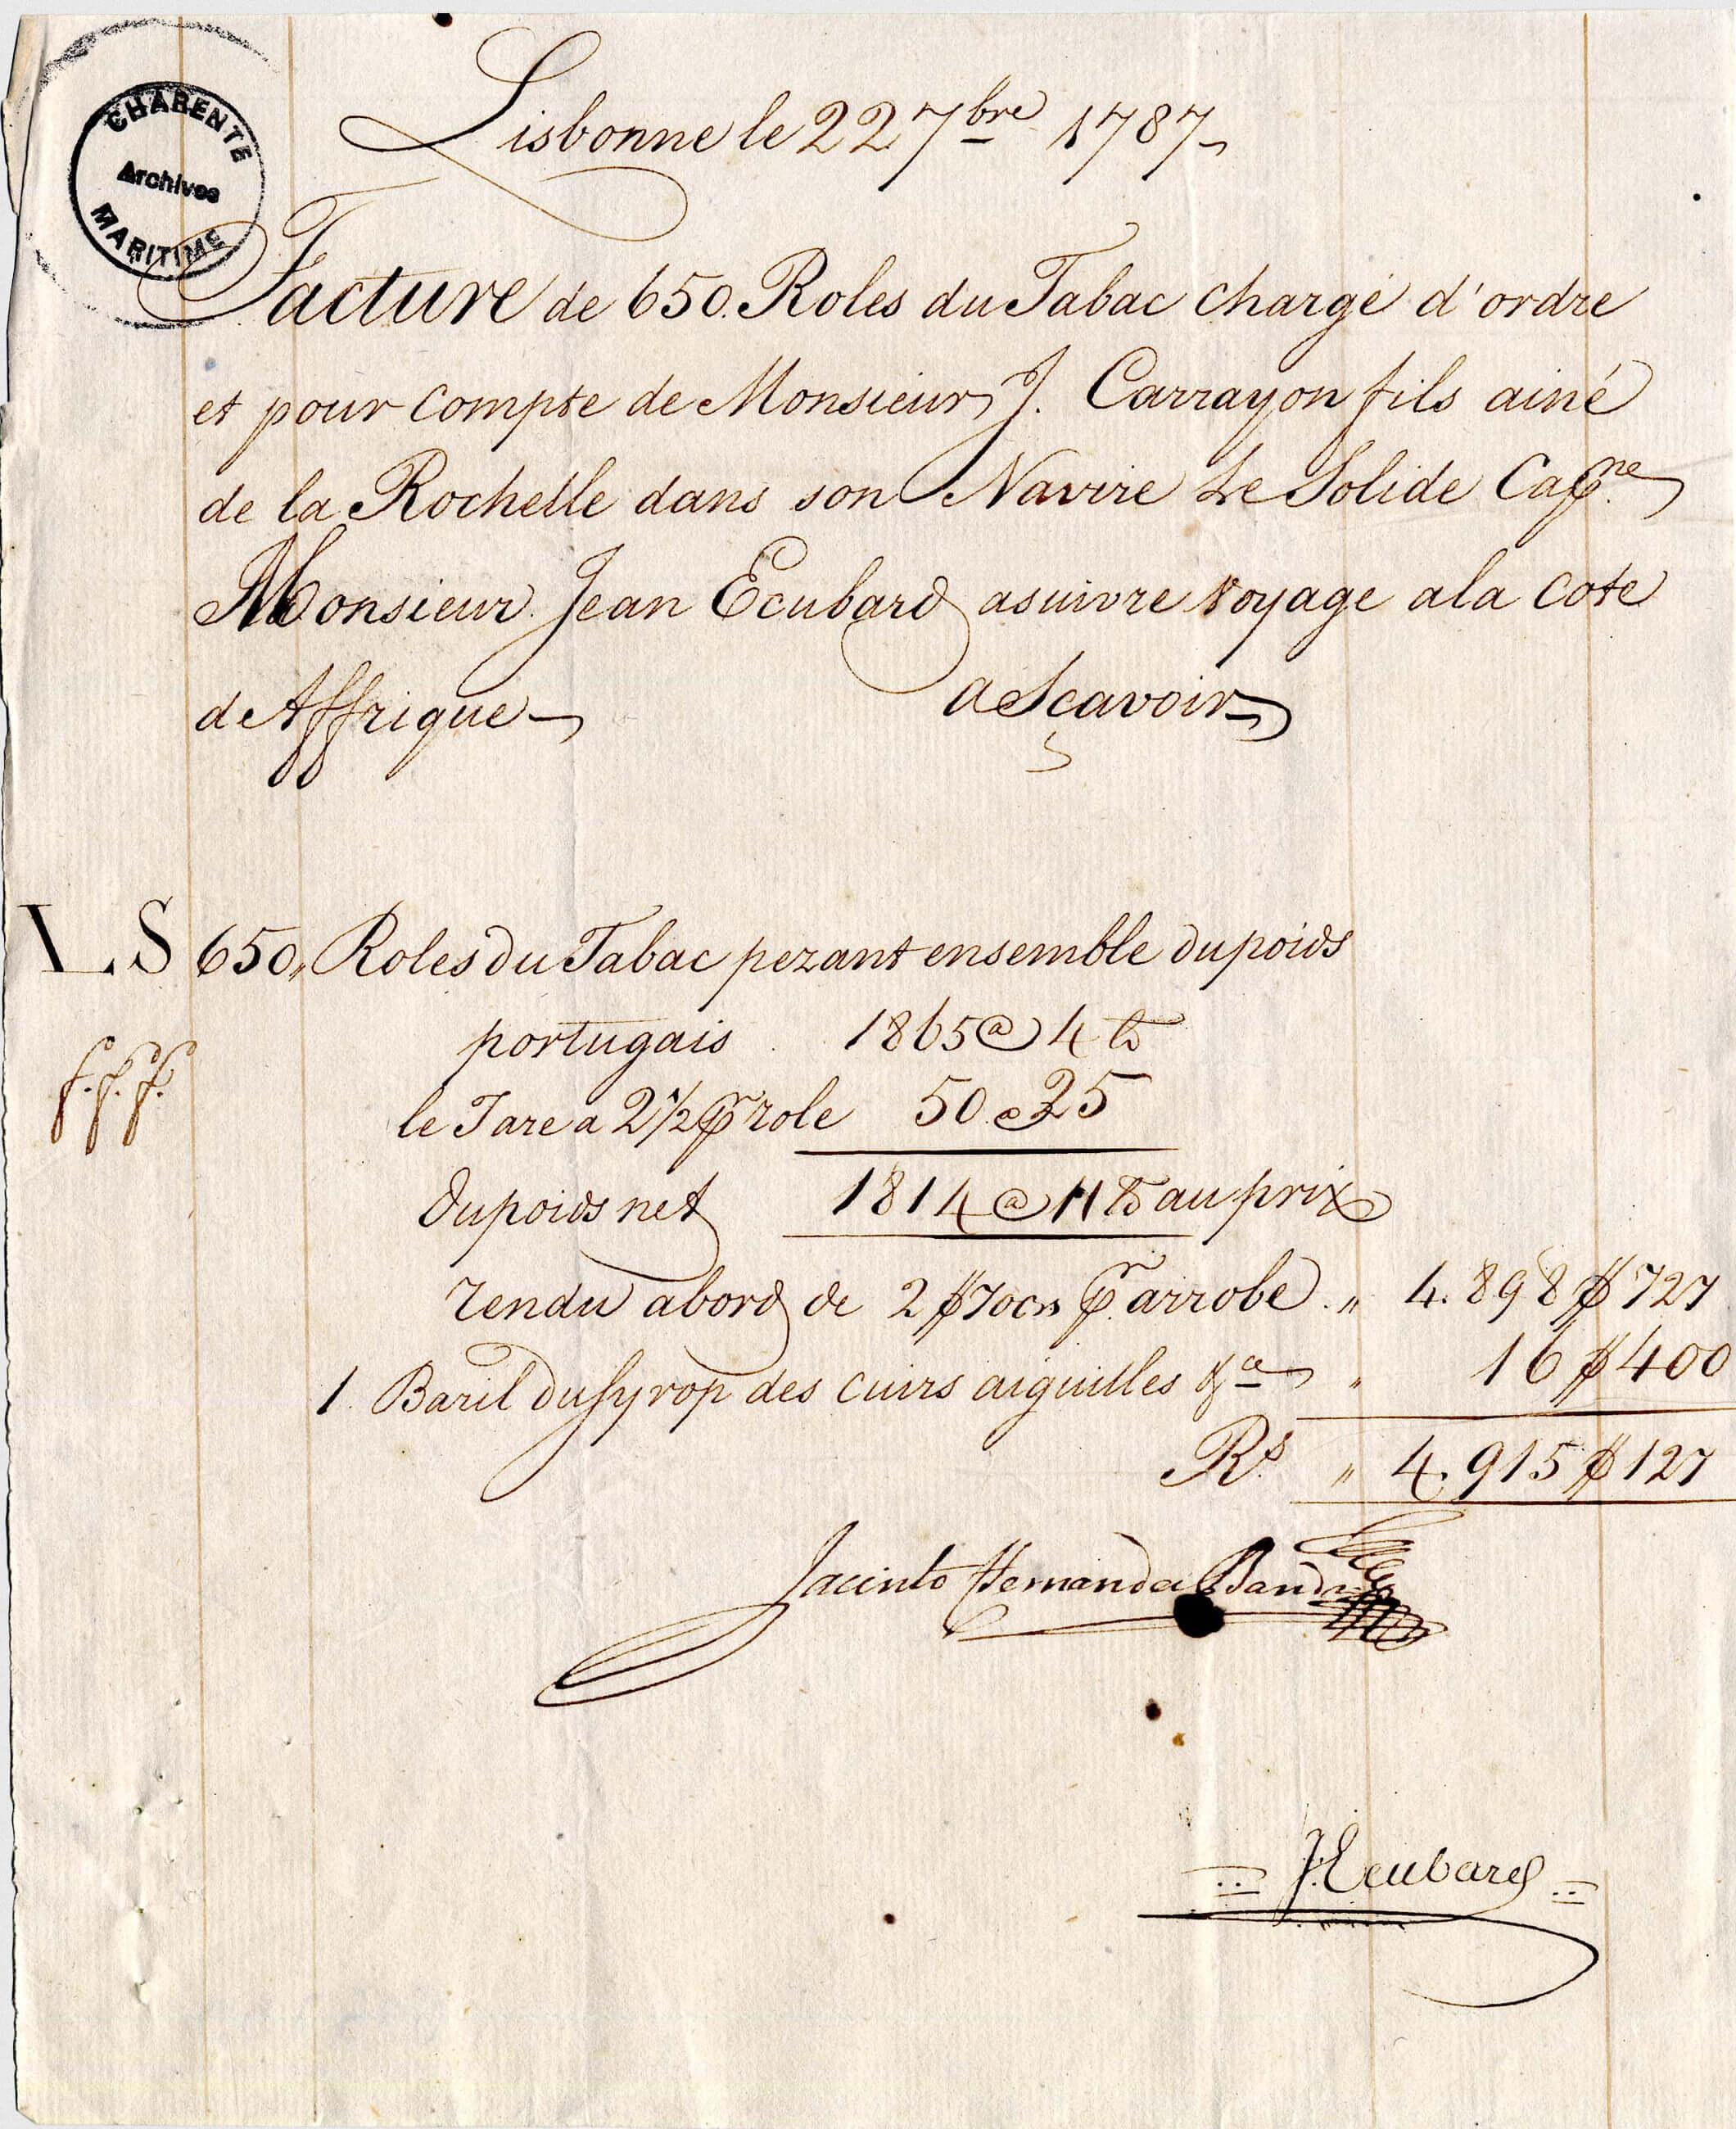 Facture pour l'achat de tabac établie pour le compte de l'amateur Carayon, pris en charge à Lisbonne par le capitaine du Solide Jean Ecubard le 22 septembre 1787.